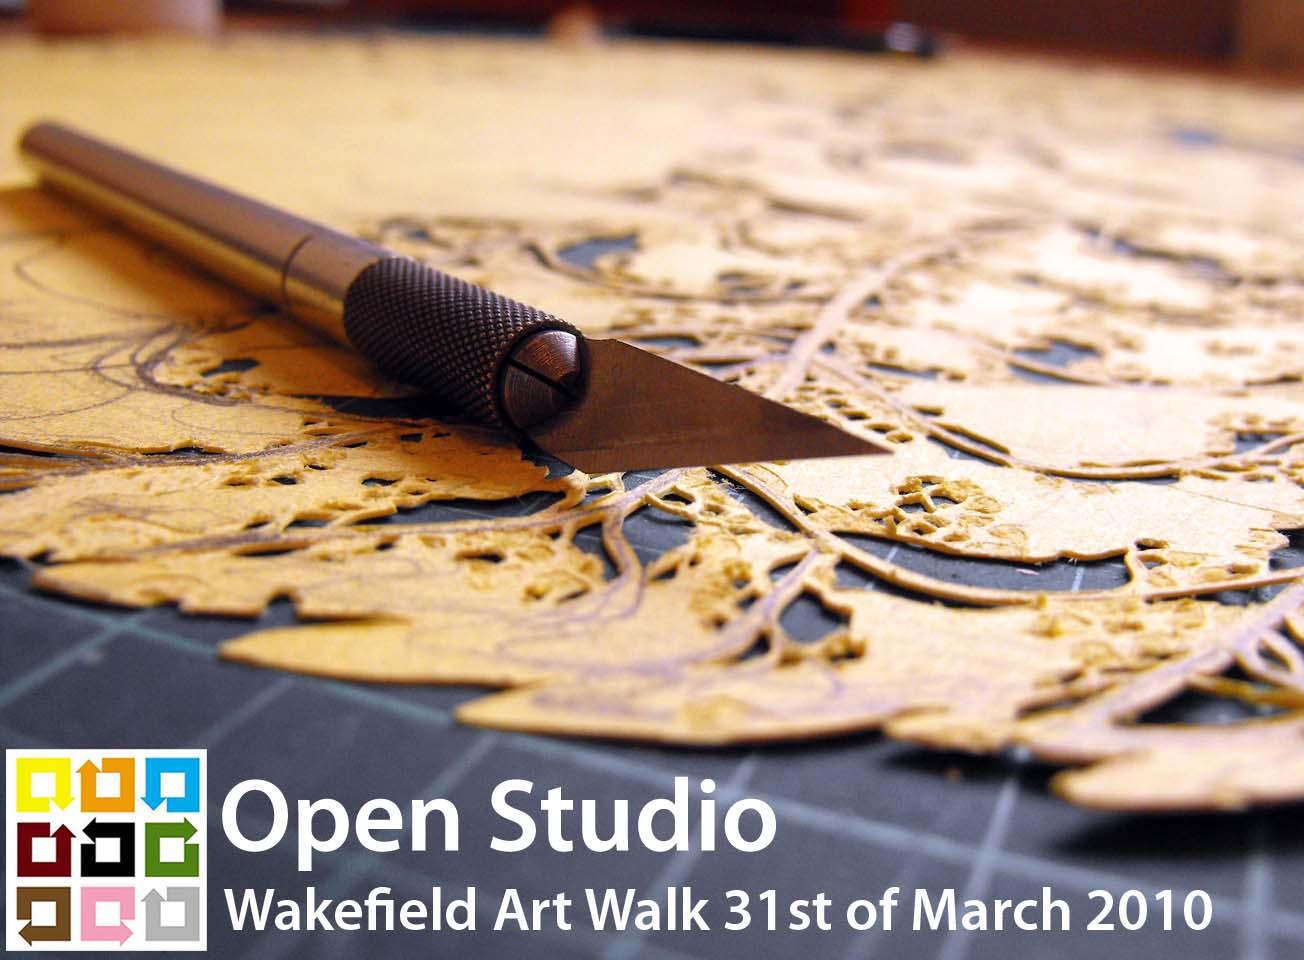 [open+studio.jpg]